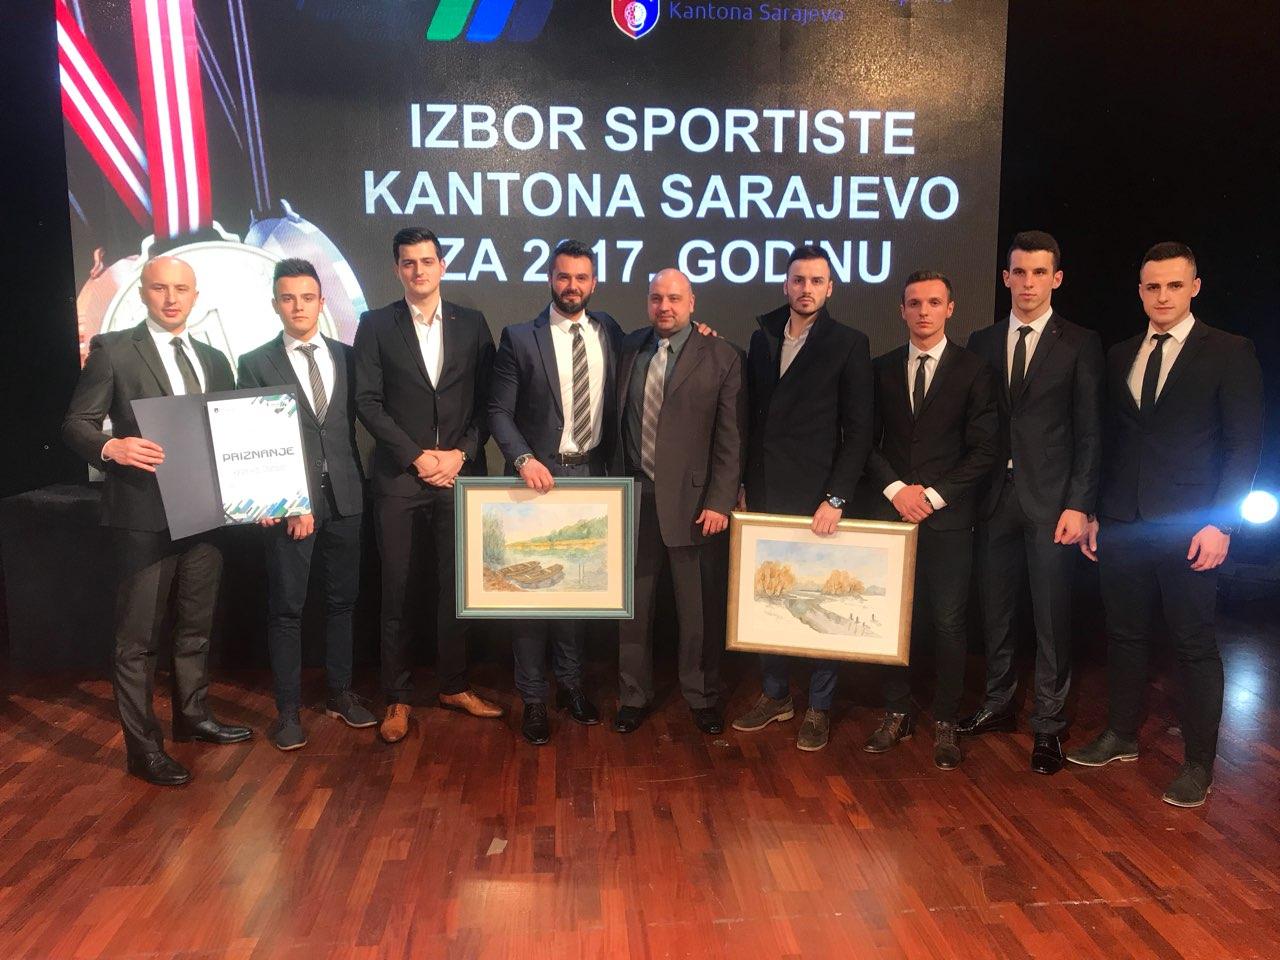 Galic i KK Champion najbolja muska ekipa 2017